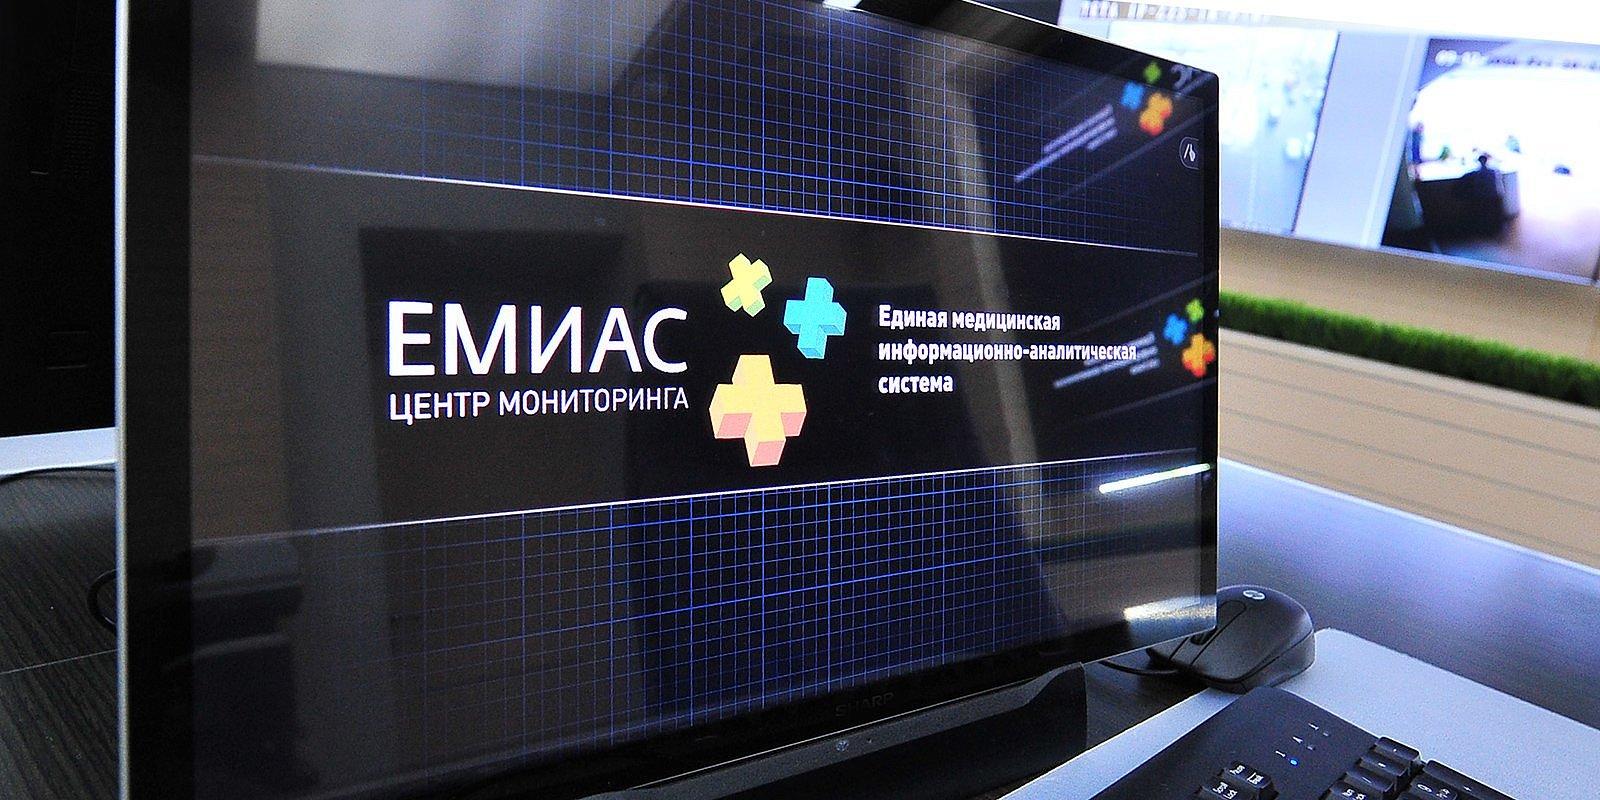 Анастасия Ракова рассказала о внедрении системы ЕМИАС в столичных клиниках